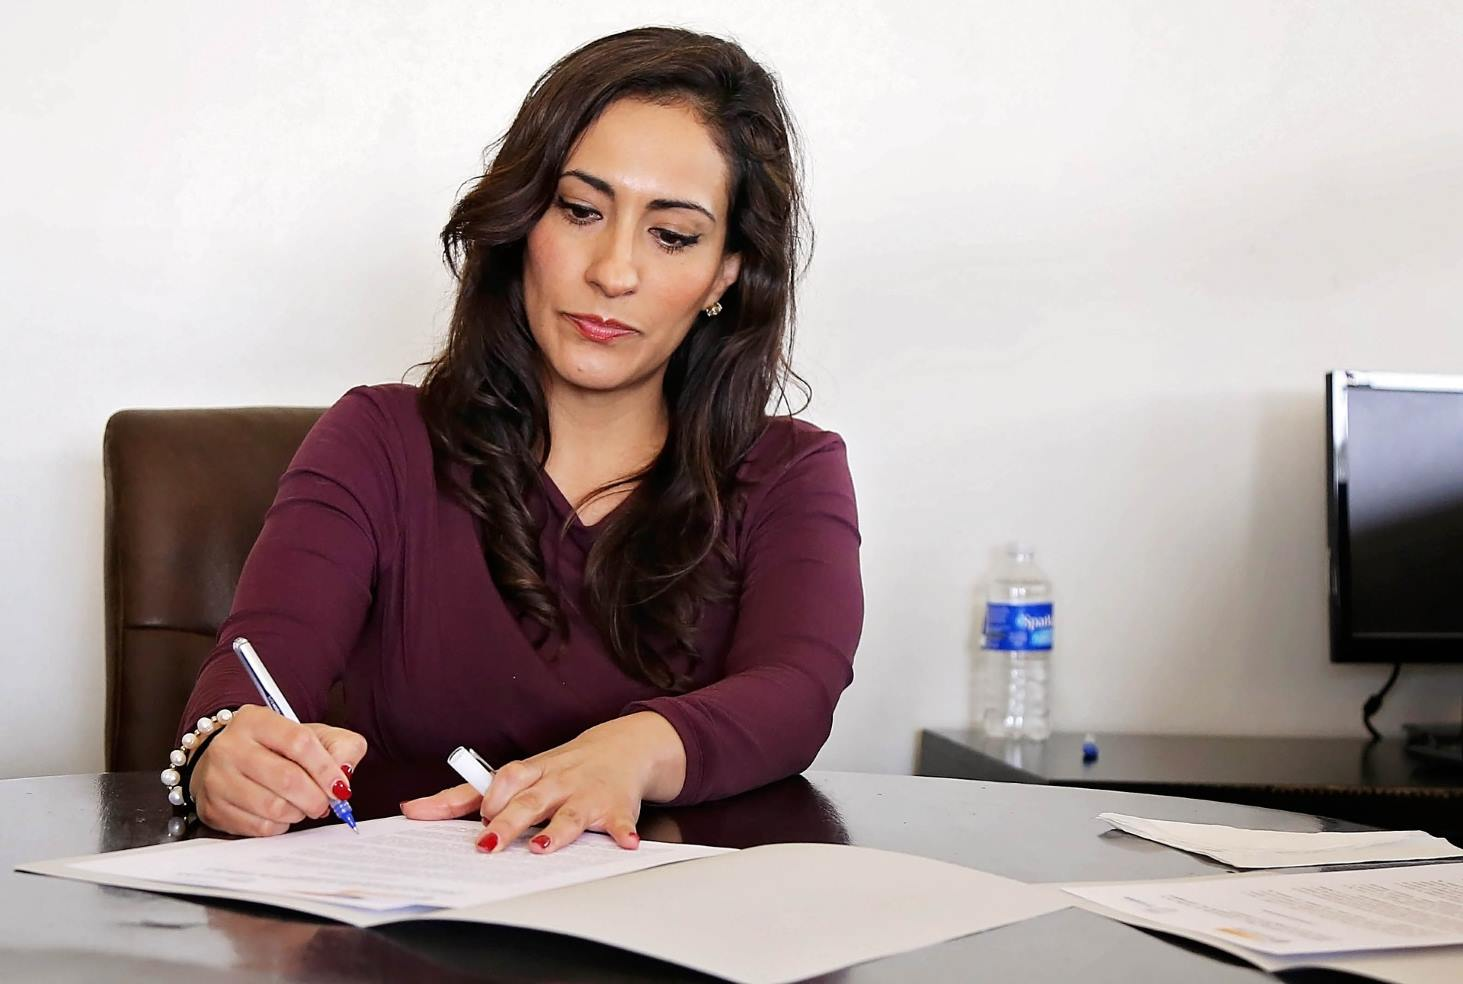 Минпросвещения: каждый третий педагог готов аттестоваться на новые педагогические квалификационные категории